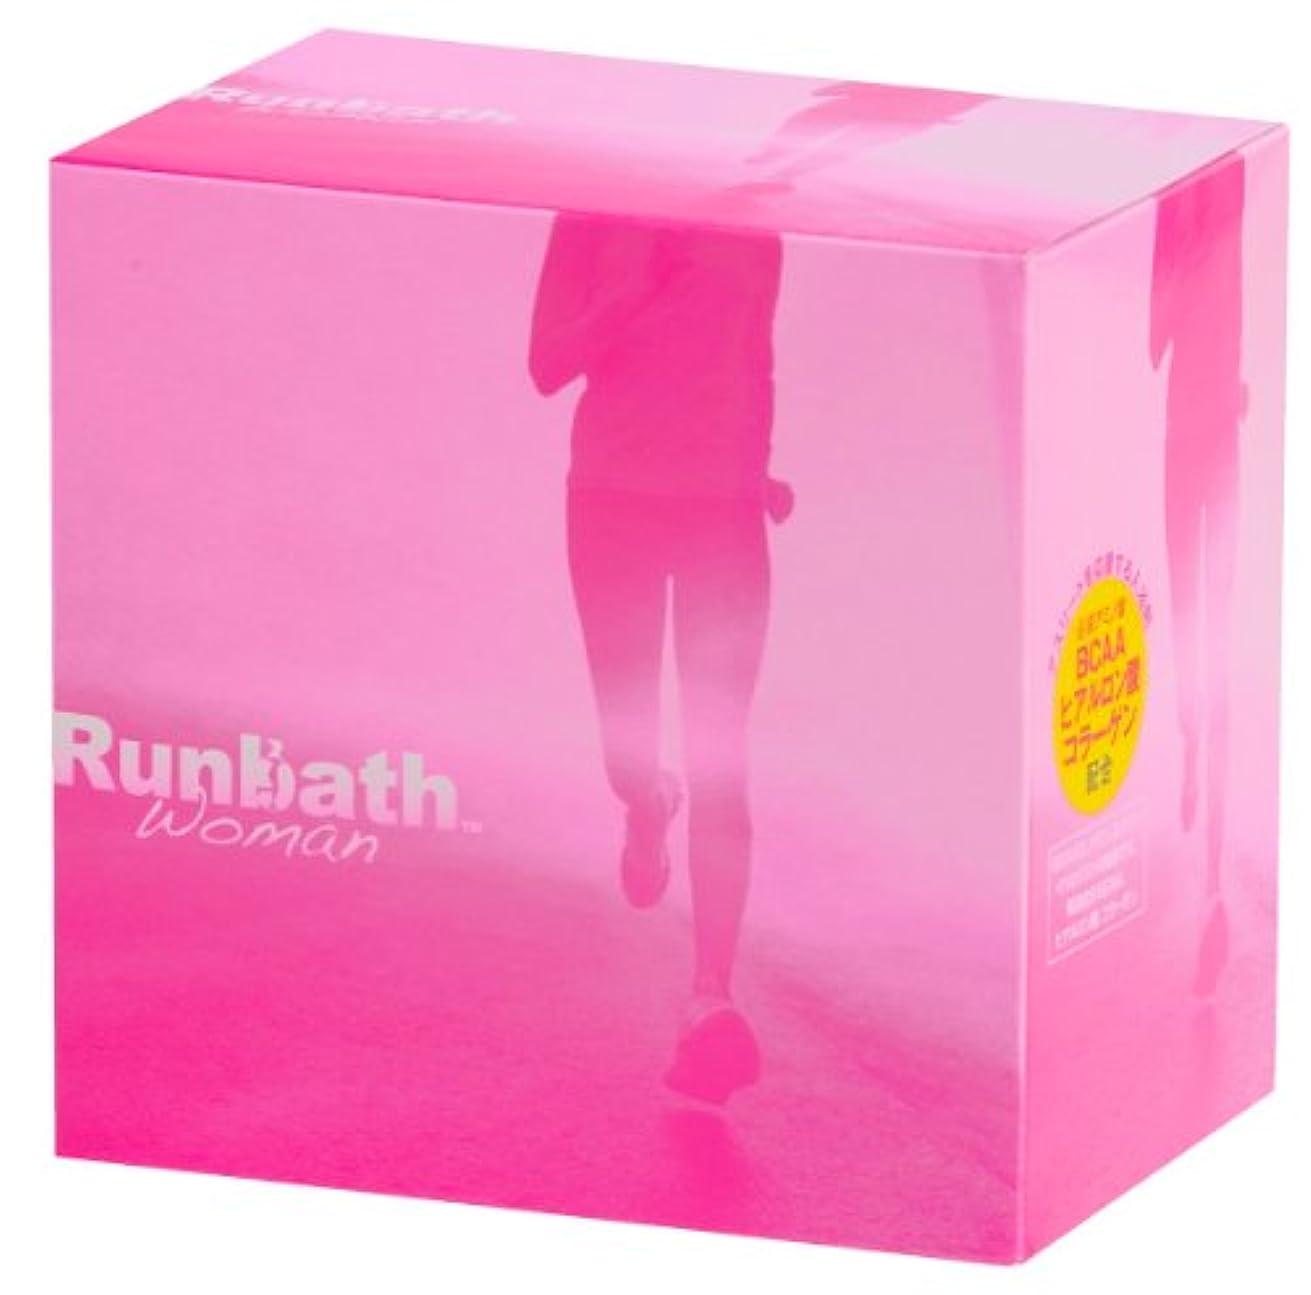 肉腫検索エンジンマーケティング貫通Runbath Woman ランバスウーマン